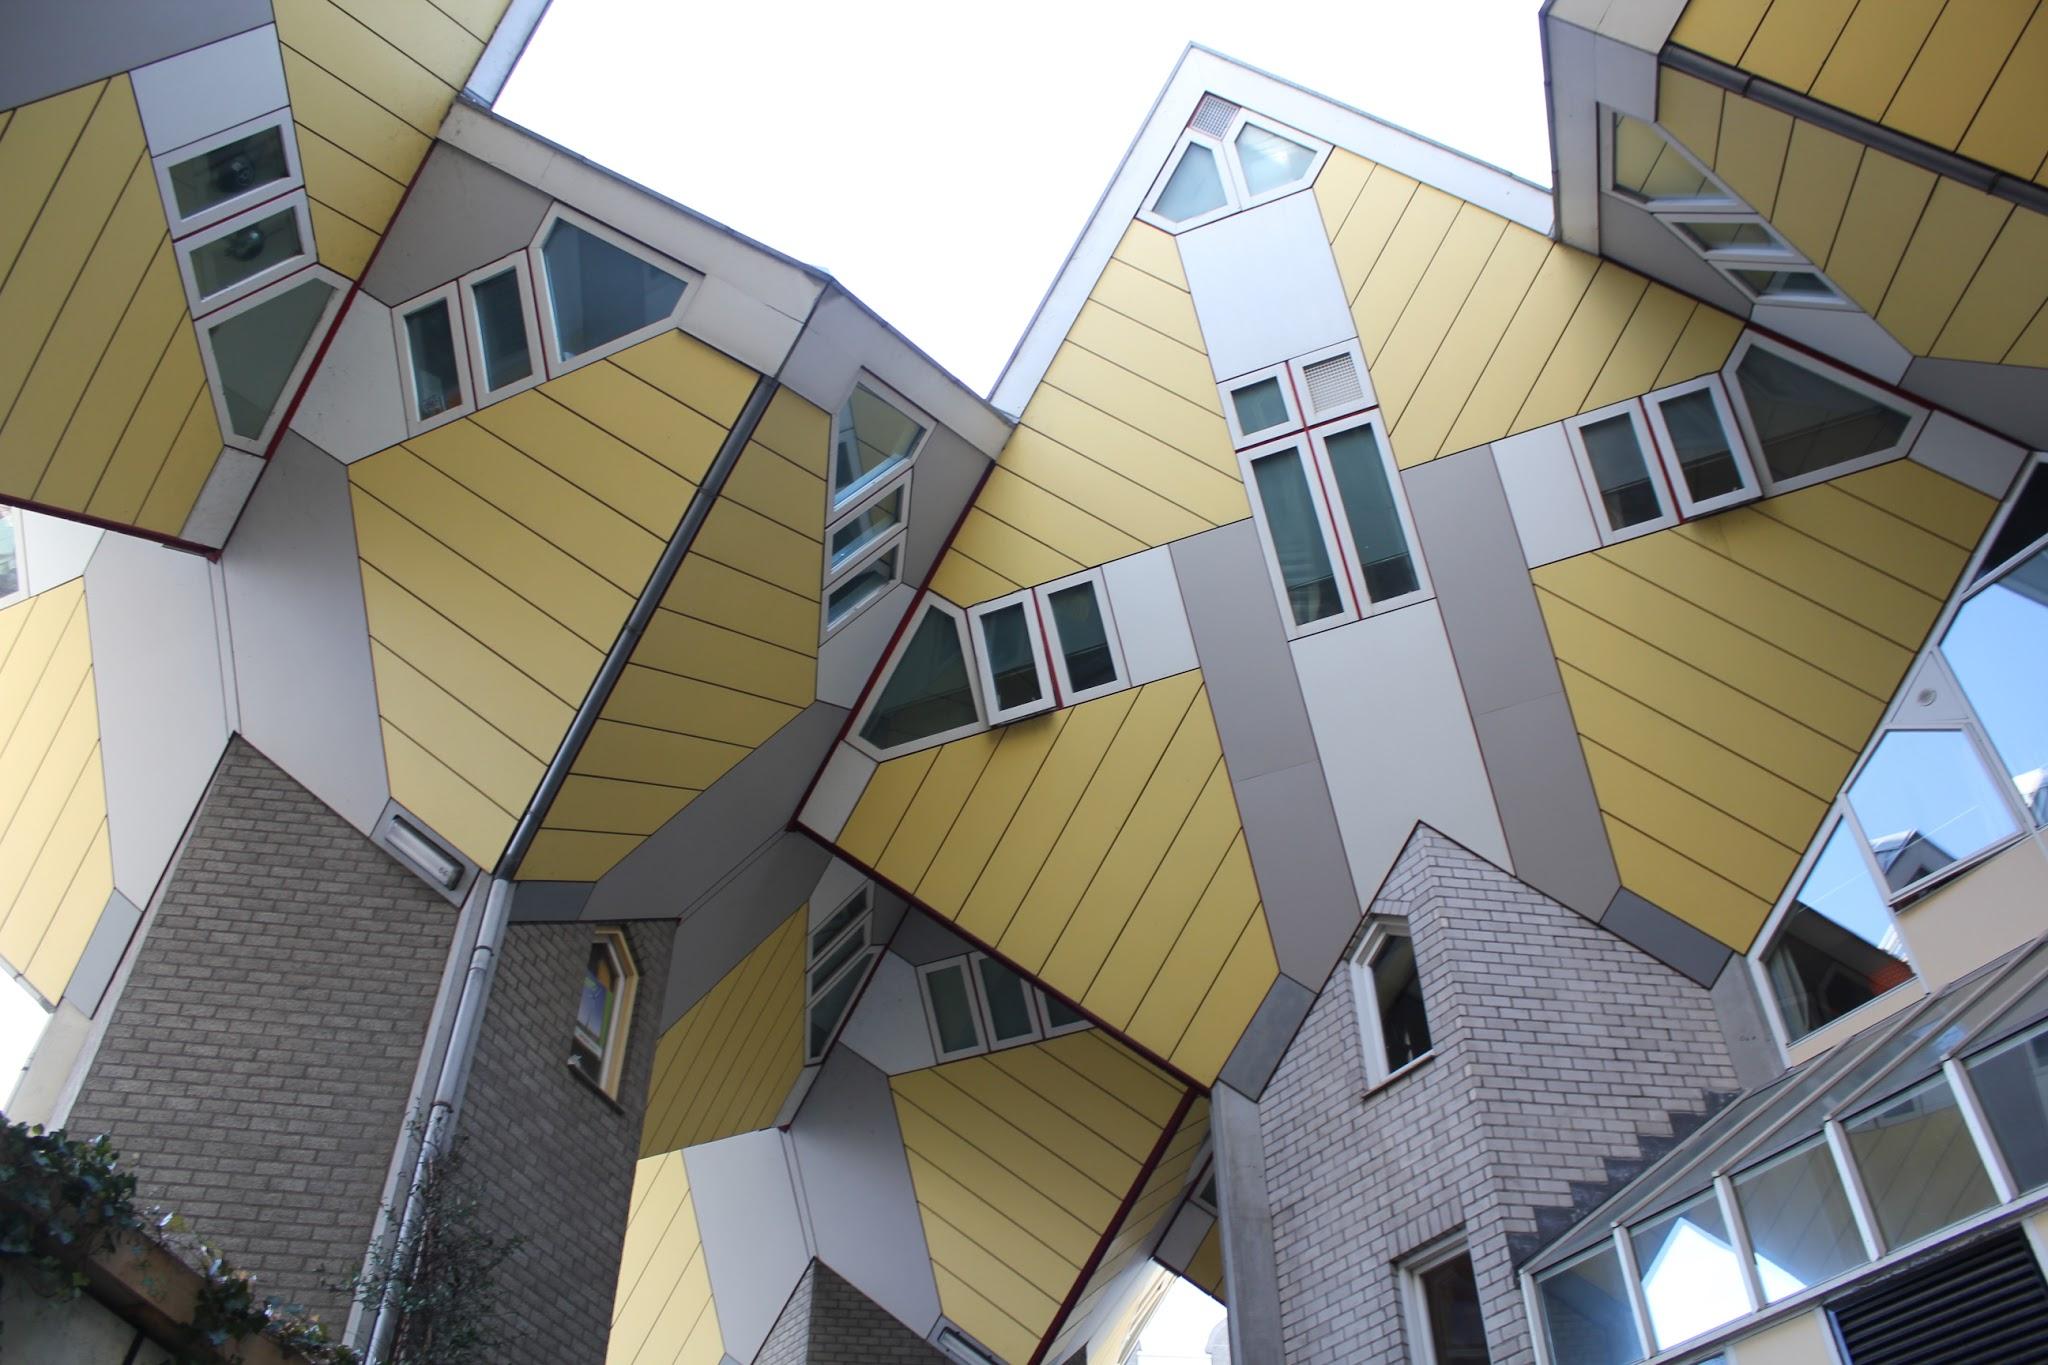 h.i.s.】ロッテルダム オプショナルツアーを探す|海外現地ツアー格安予約